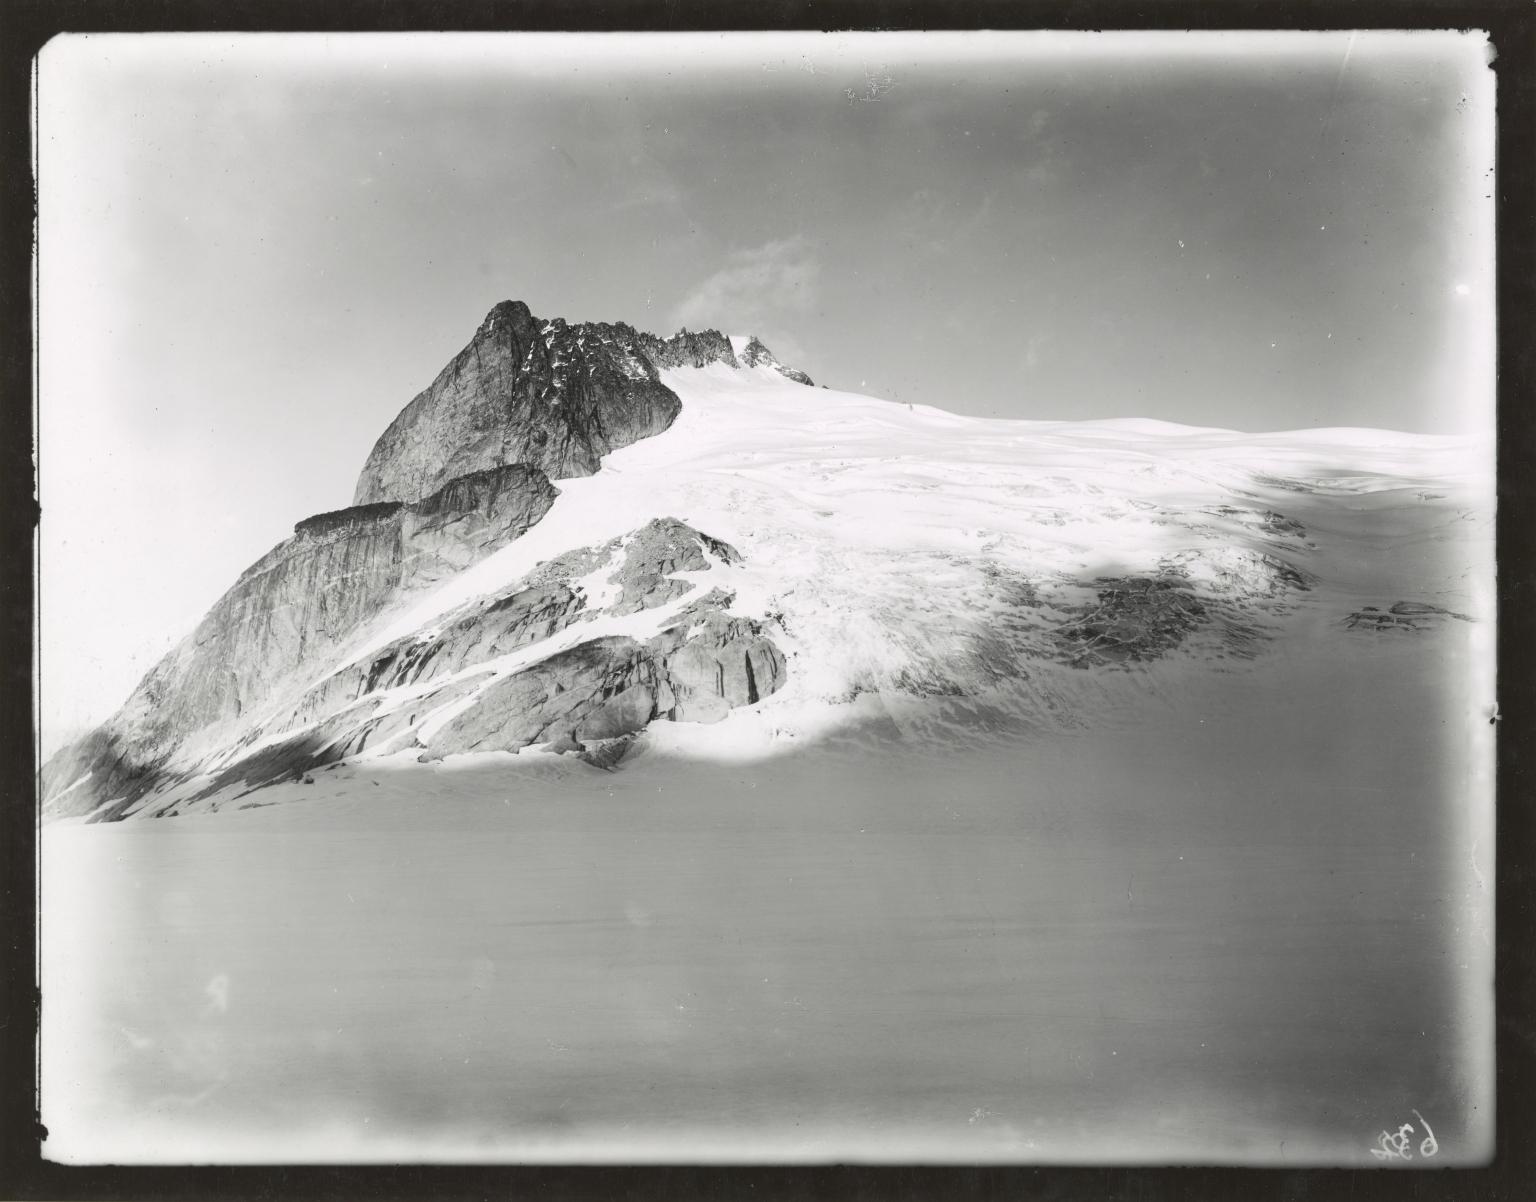 Unknown glacier, Cima di Rosso mountain, Italy